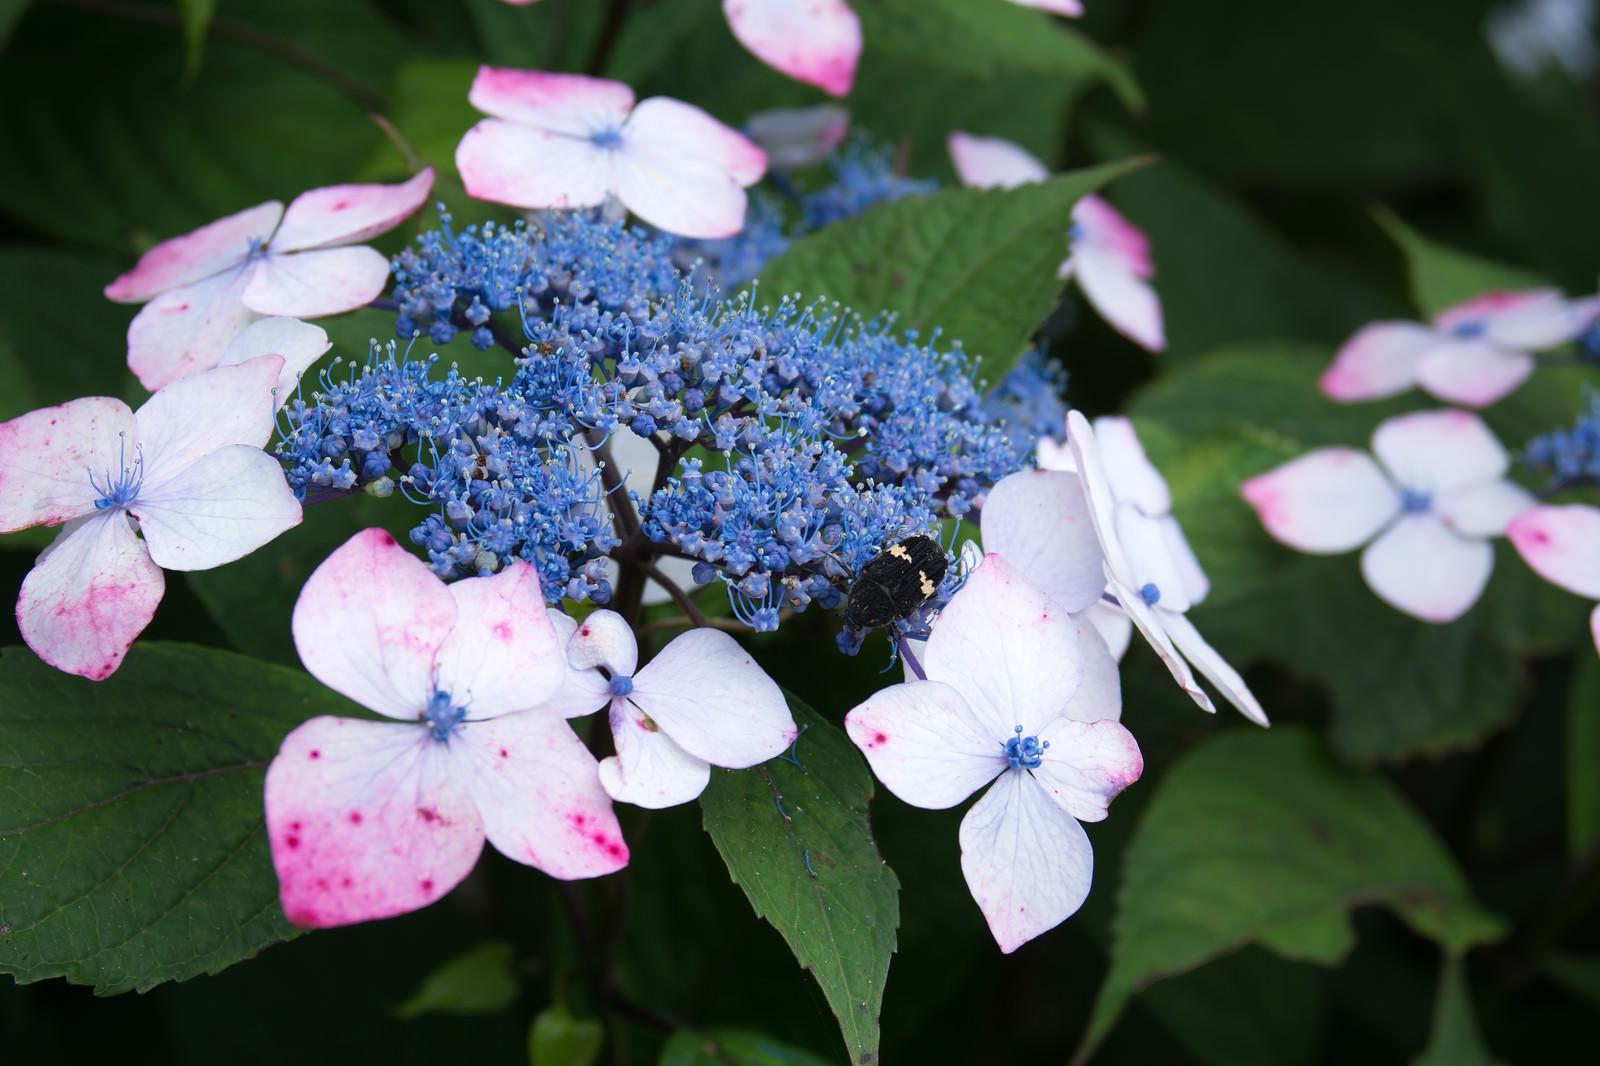 「蜜を求める虫と紫陽花」の写真